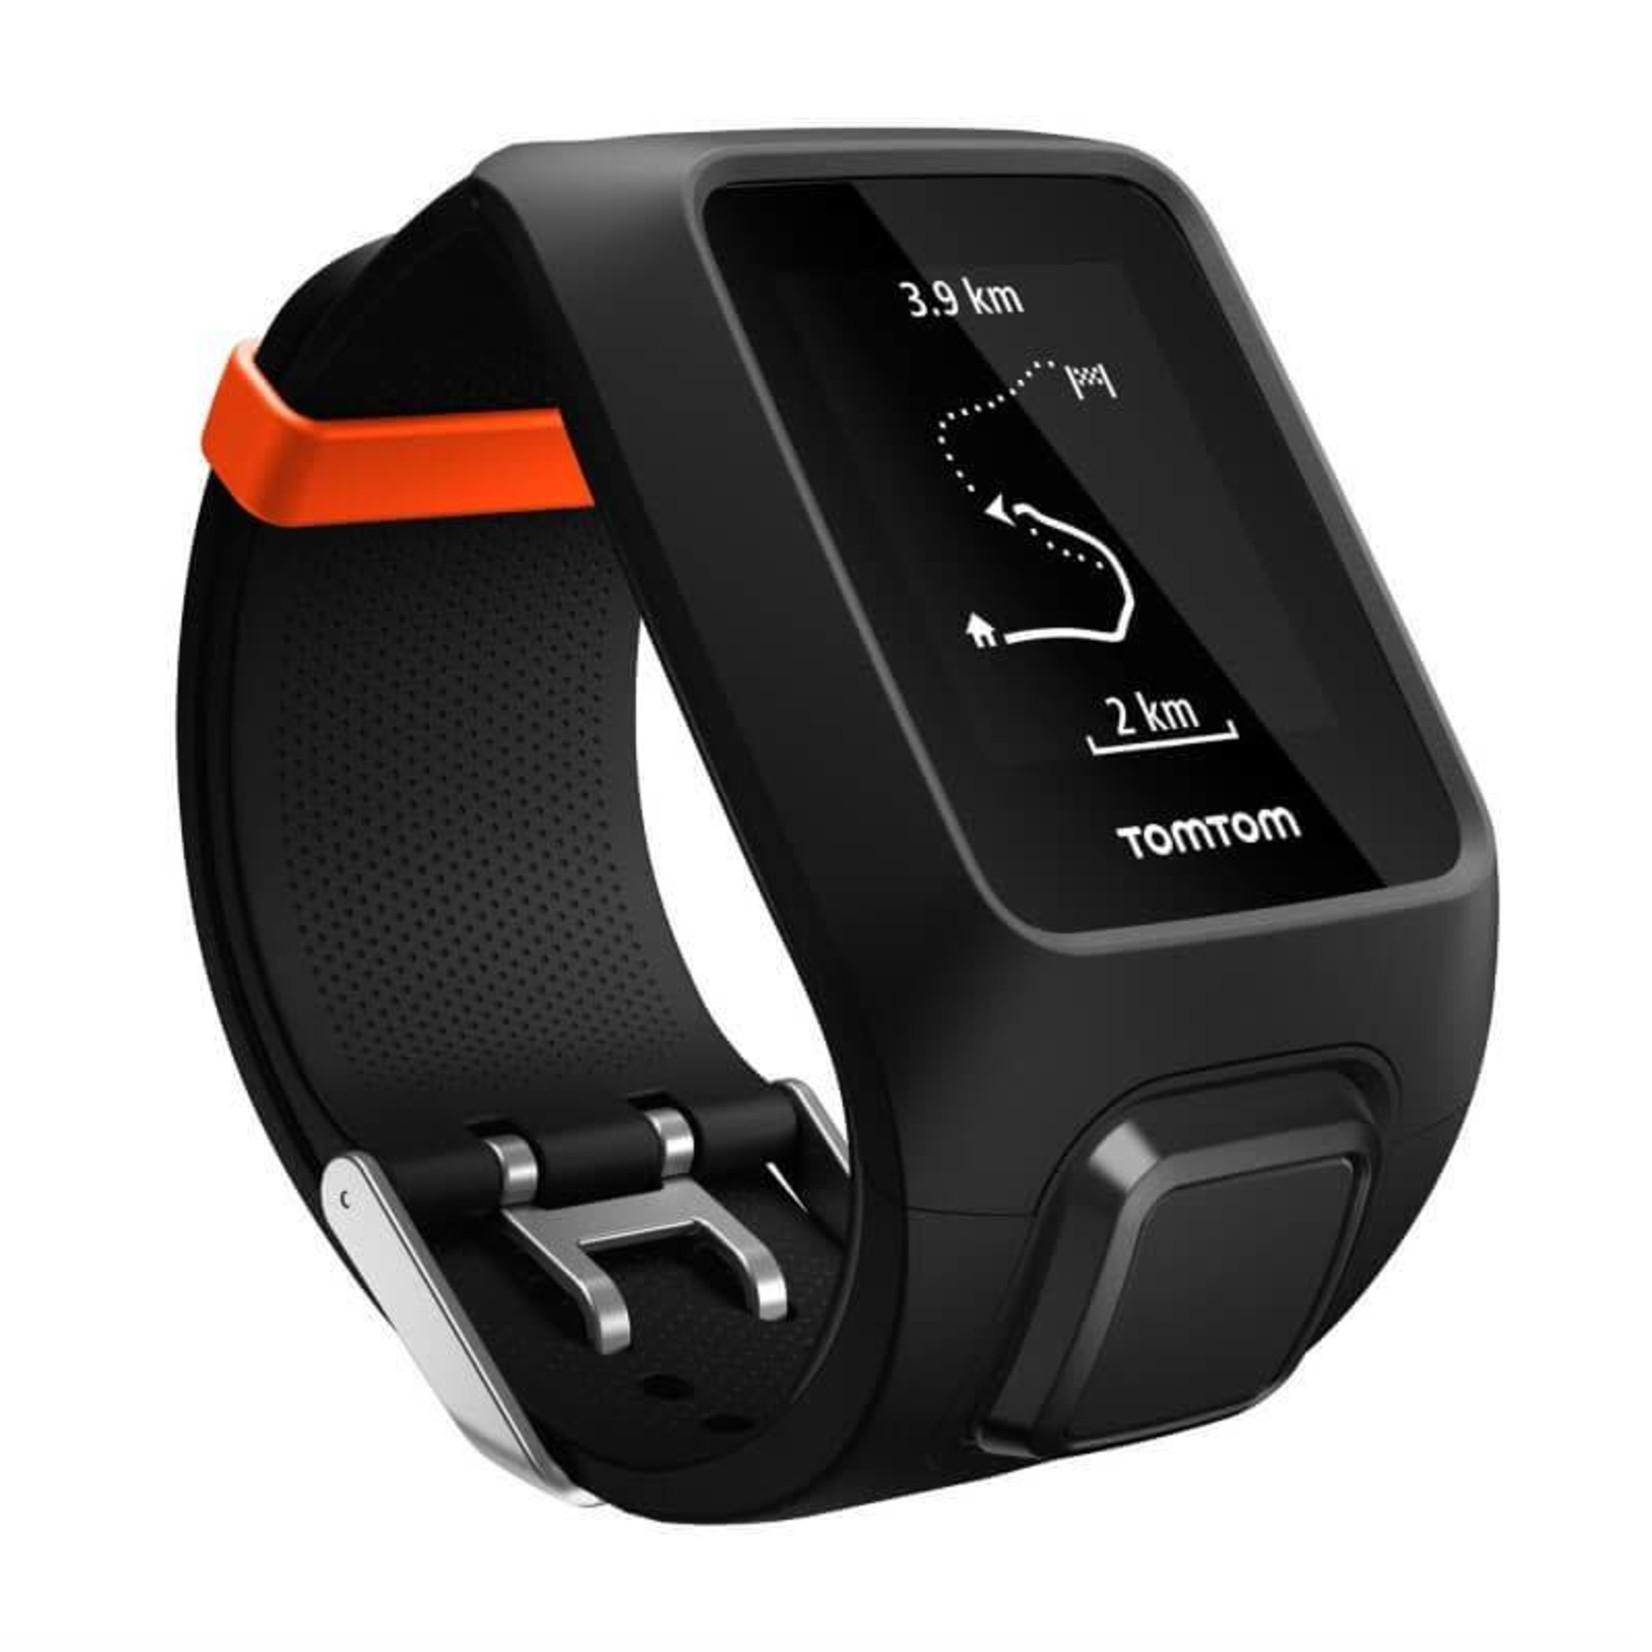 TomTom Adventurer GPS Cardio Outdoor Watch